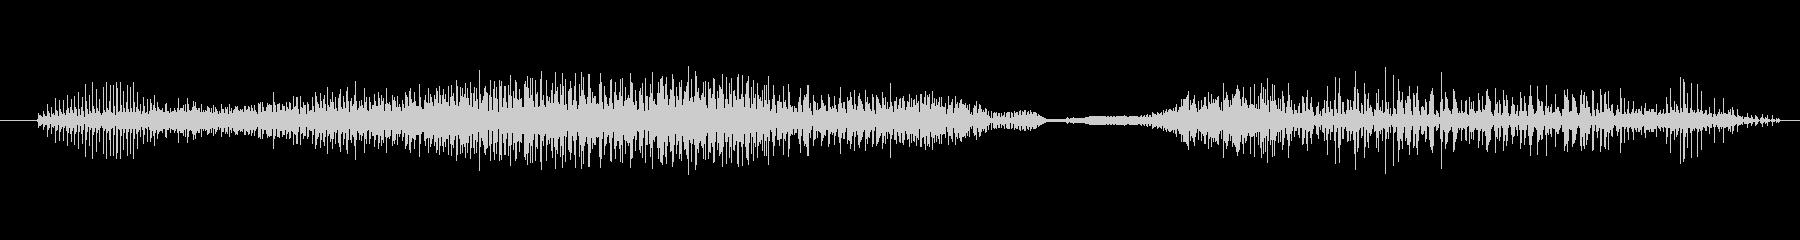 ゾンビ ヒューマンチェンジ02の未再生の波形